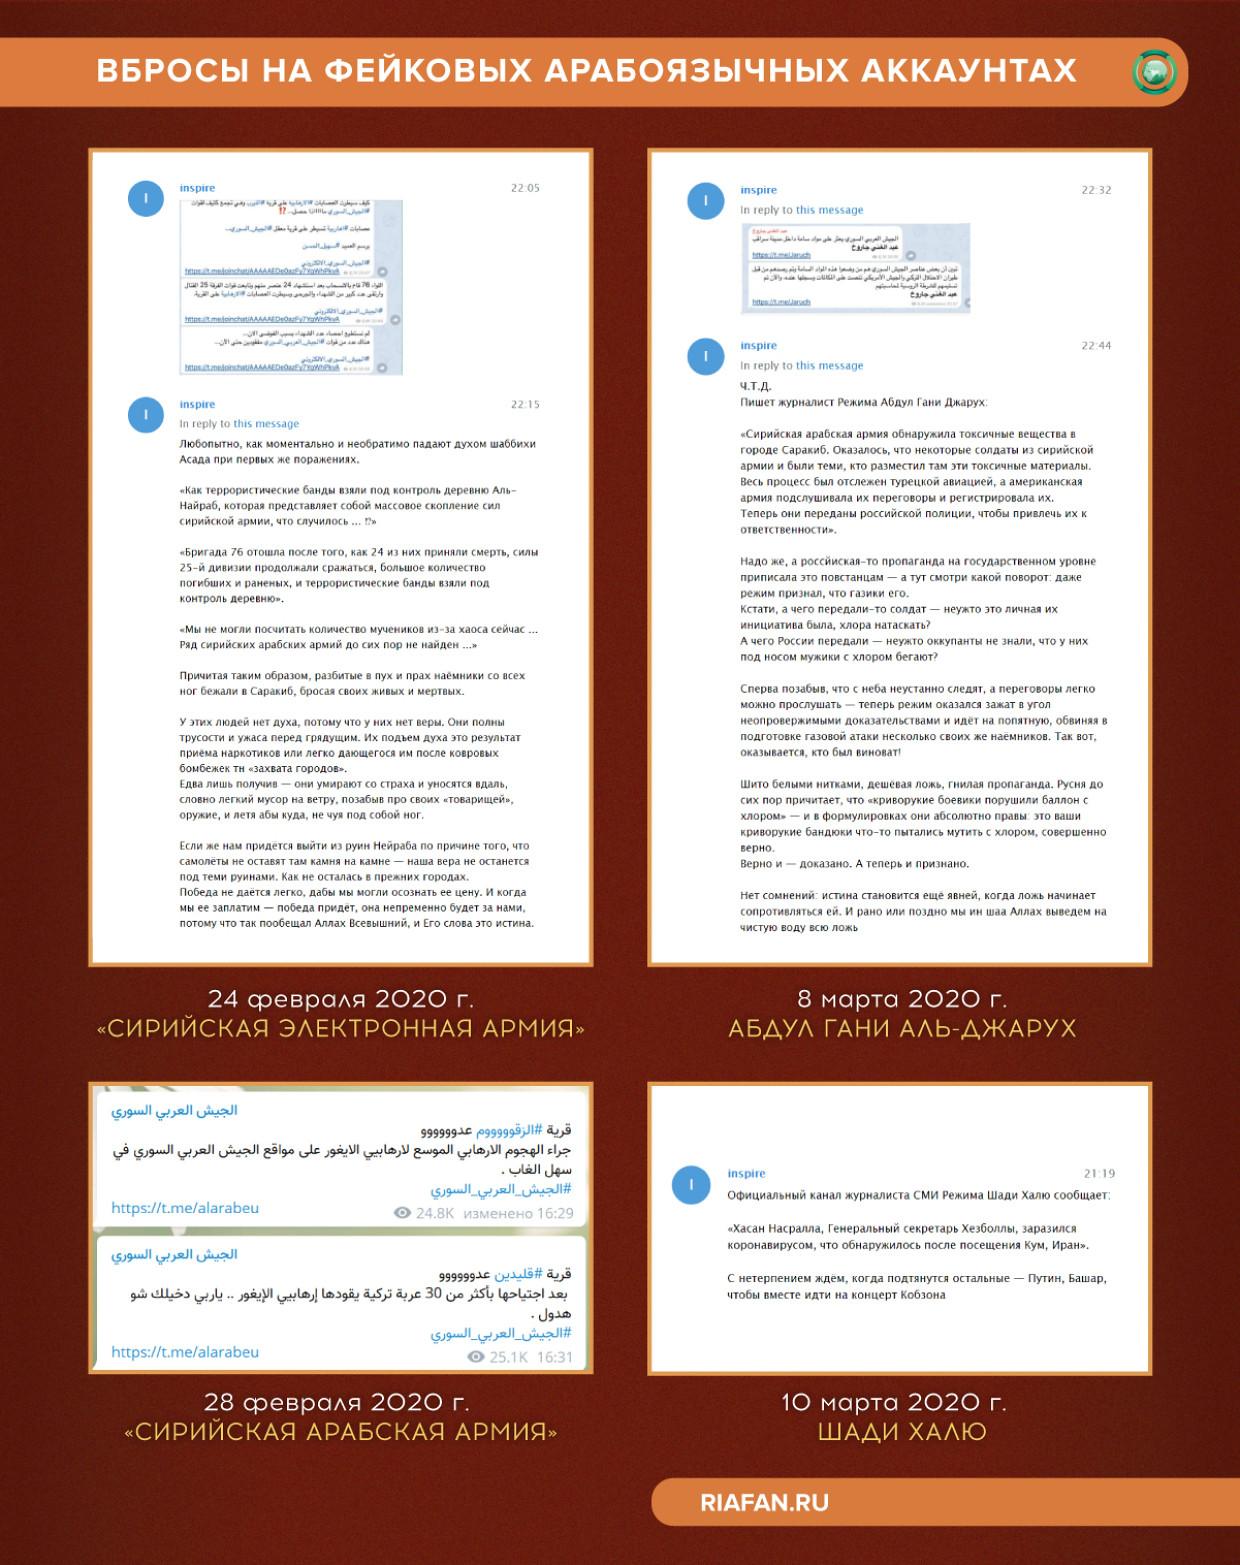 Fausses informations diffusées sur des comptes en langue arabe